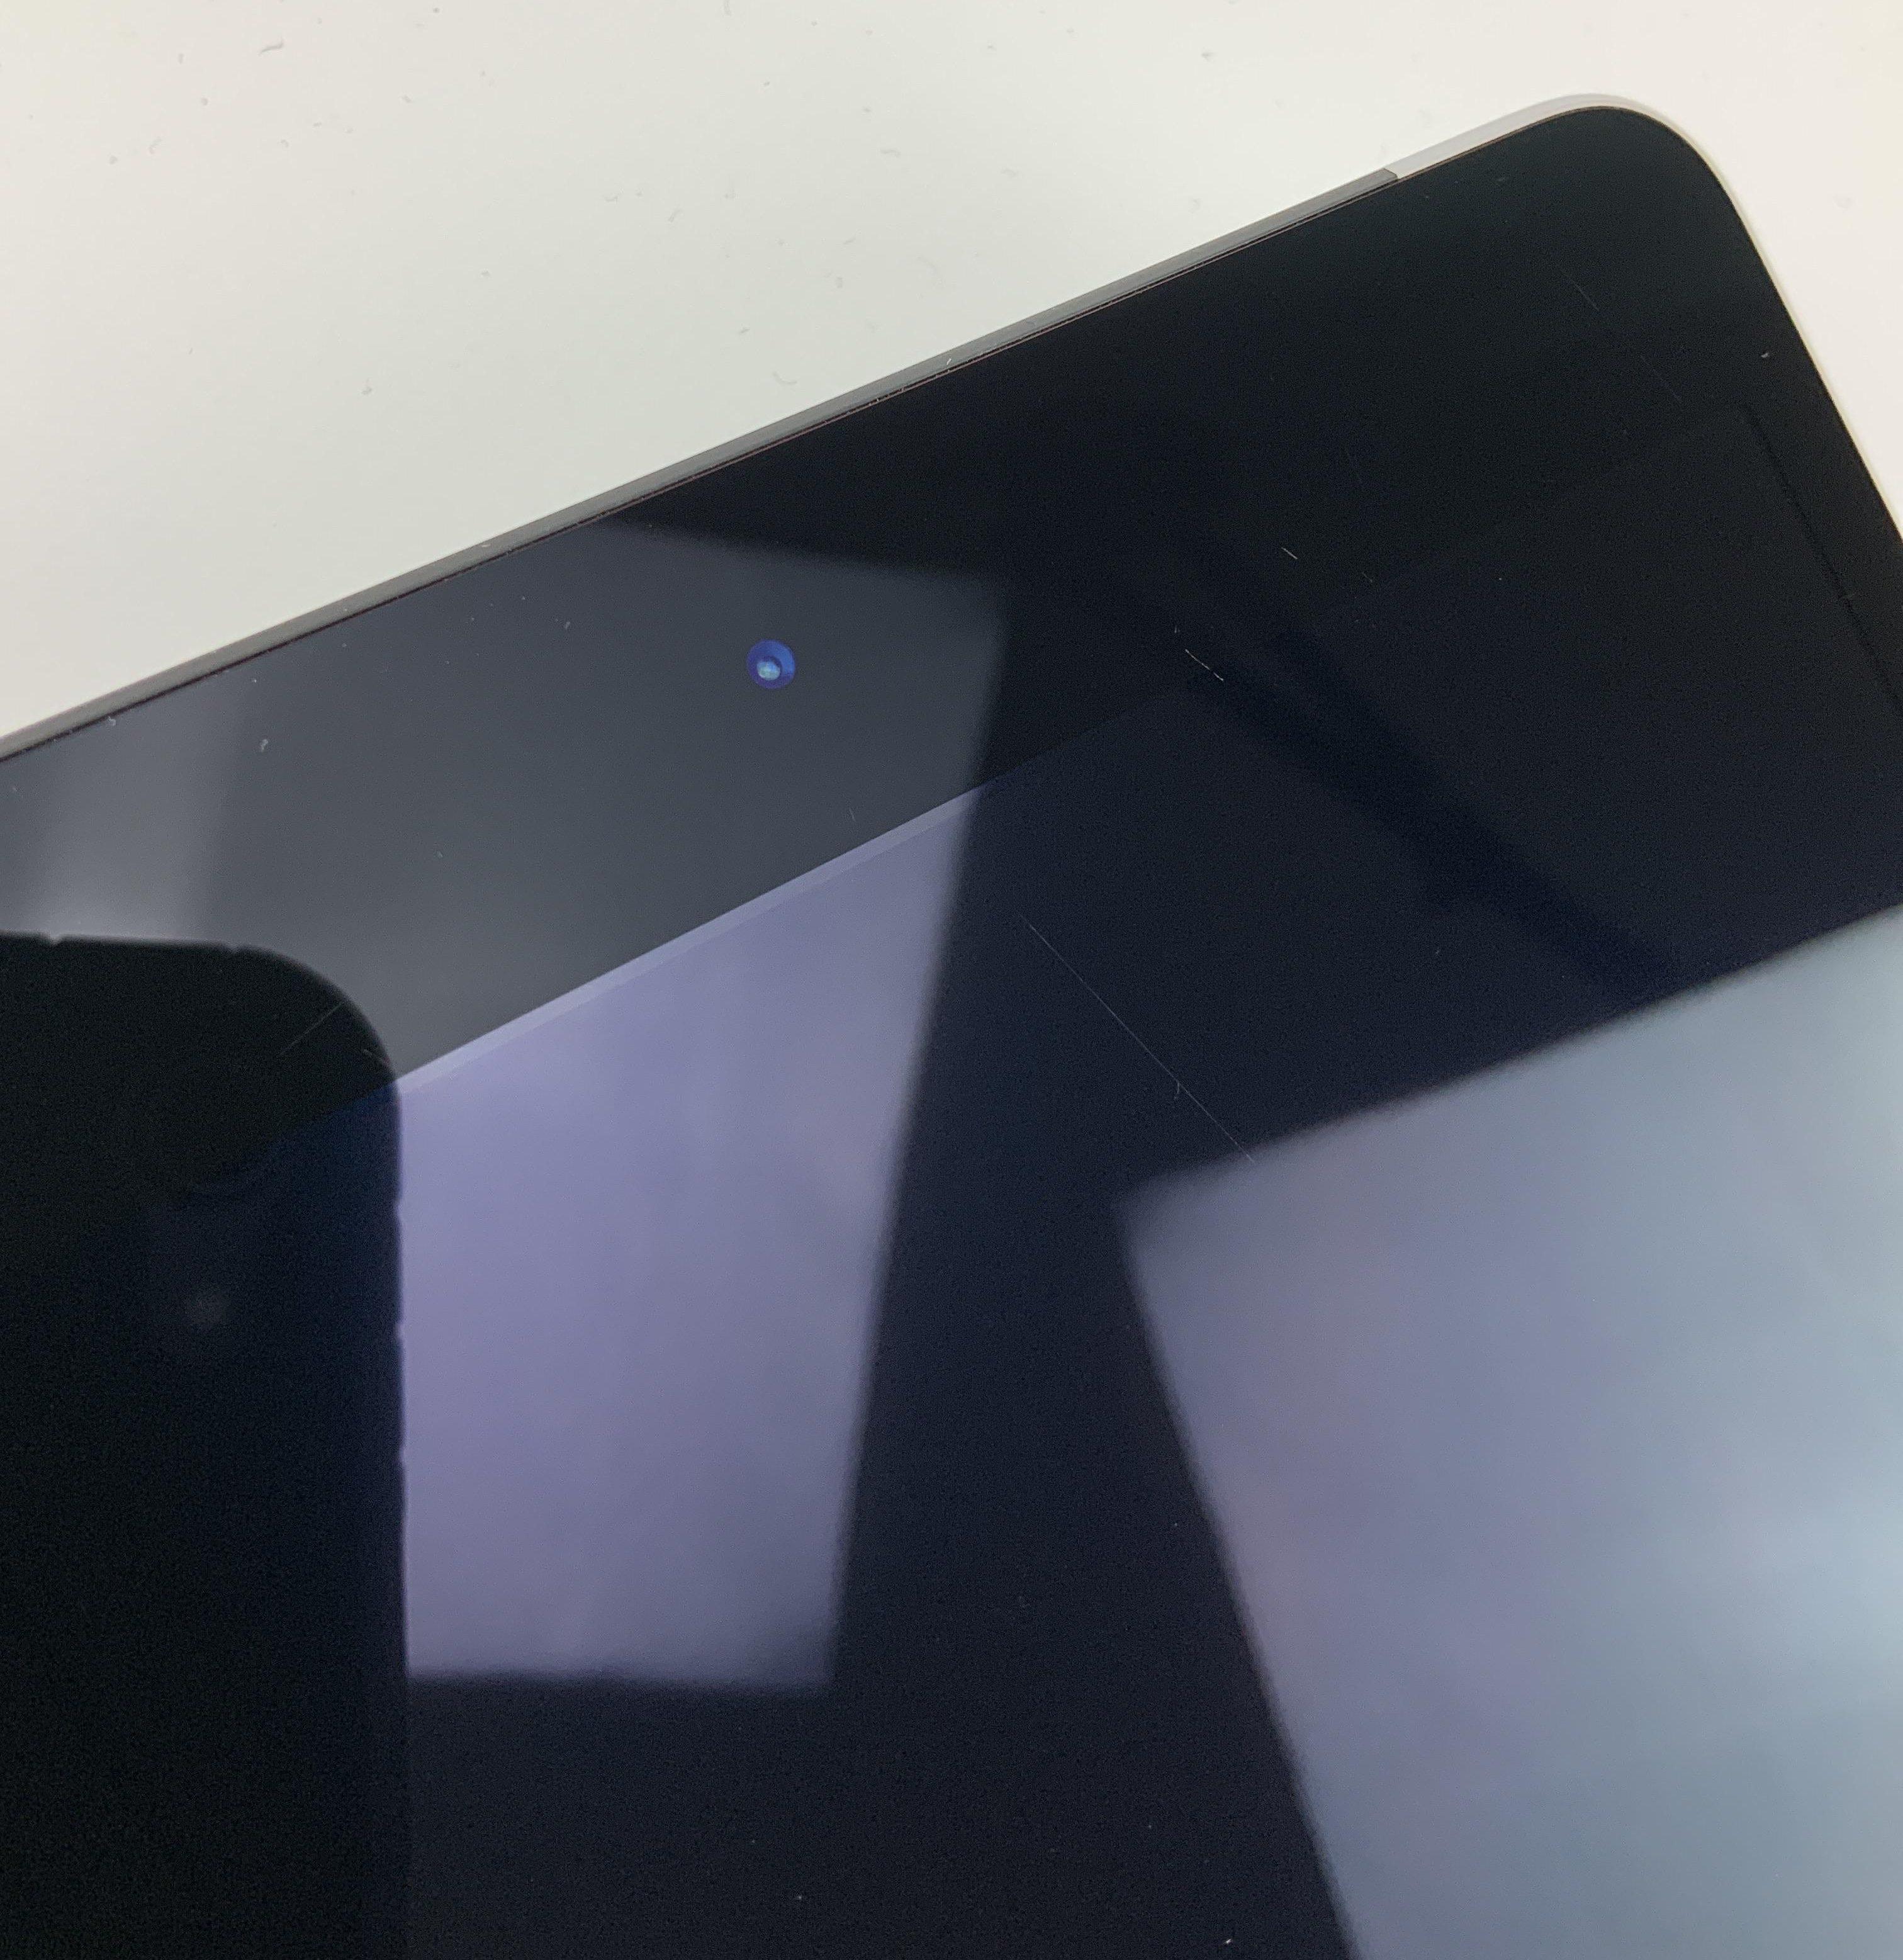 iPad mini 4 Wi-Fi + Cellular 128GB, 128GB, Space Gray, obraz 3